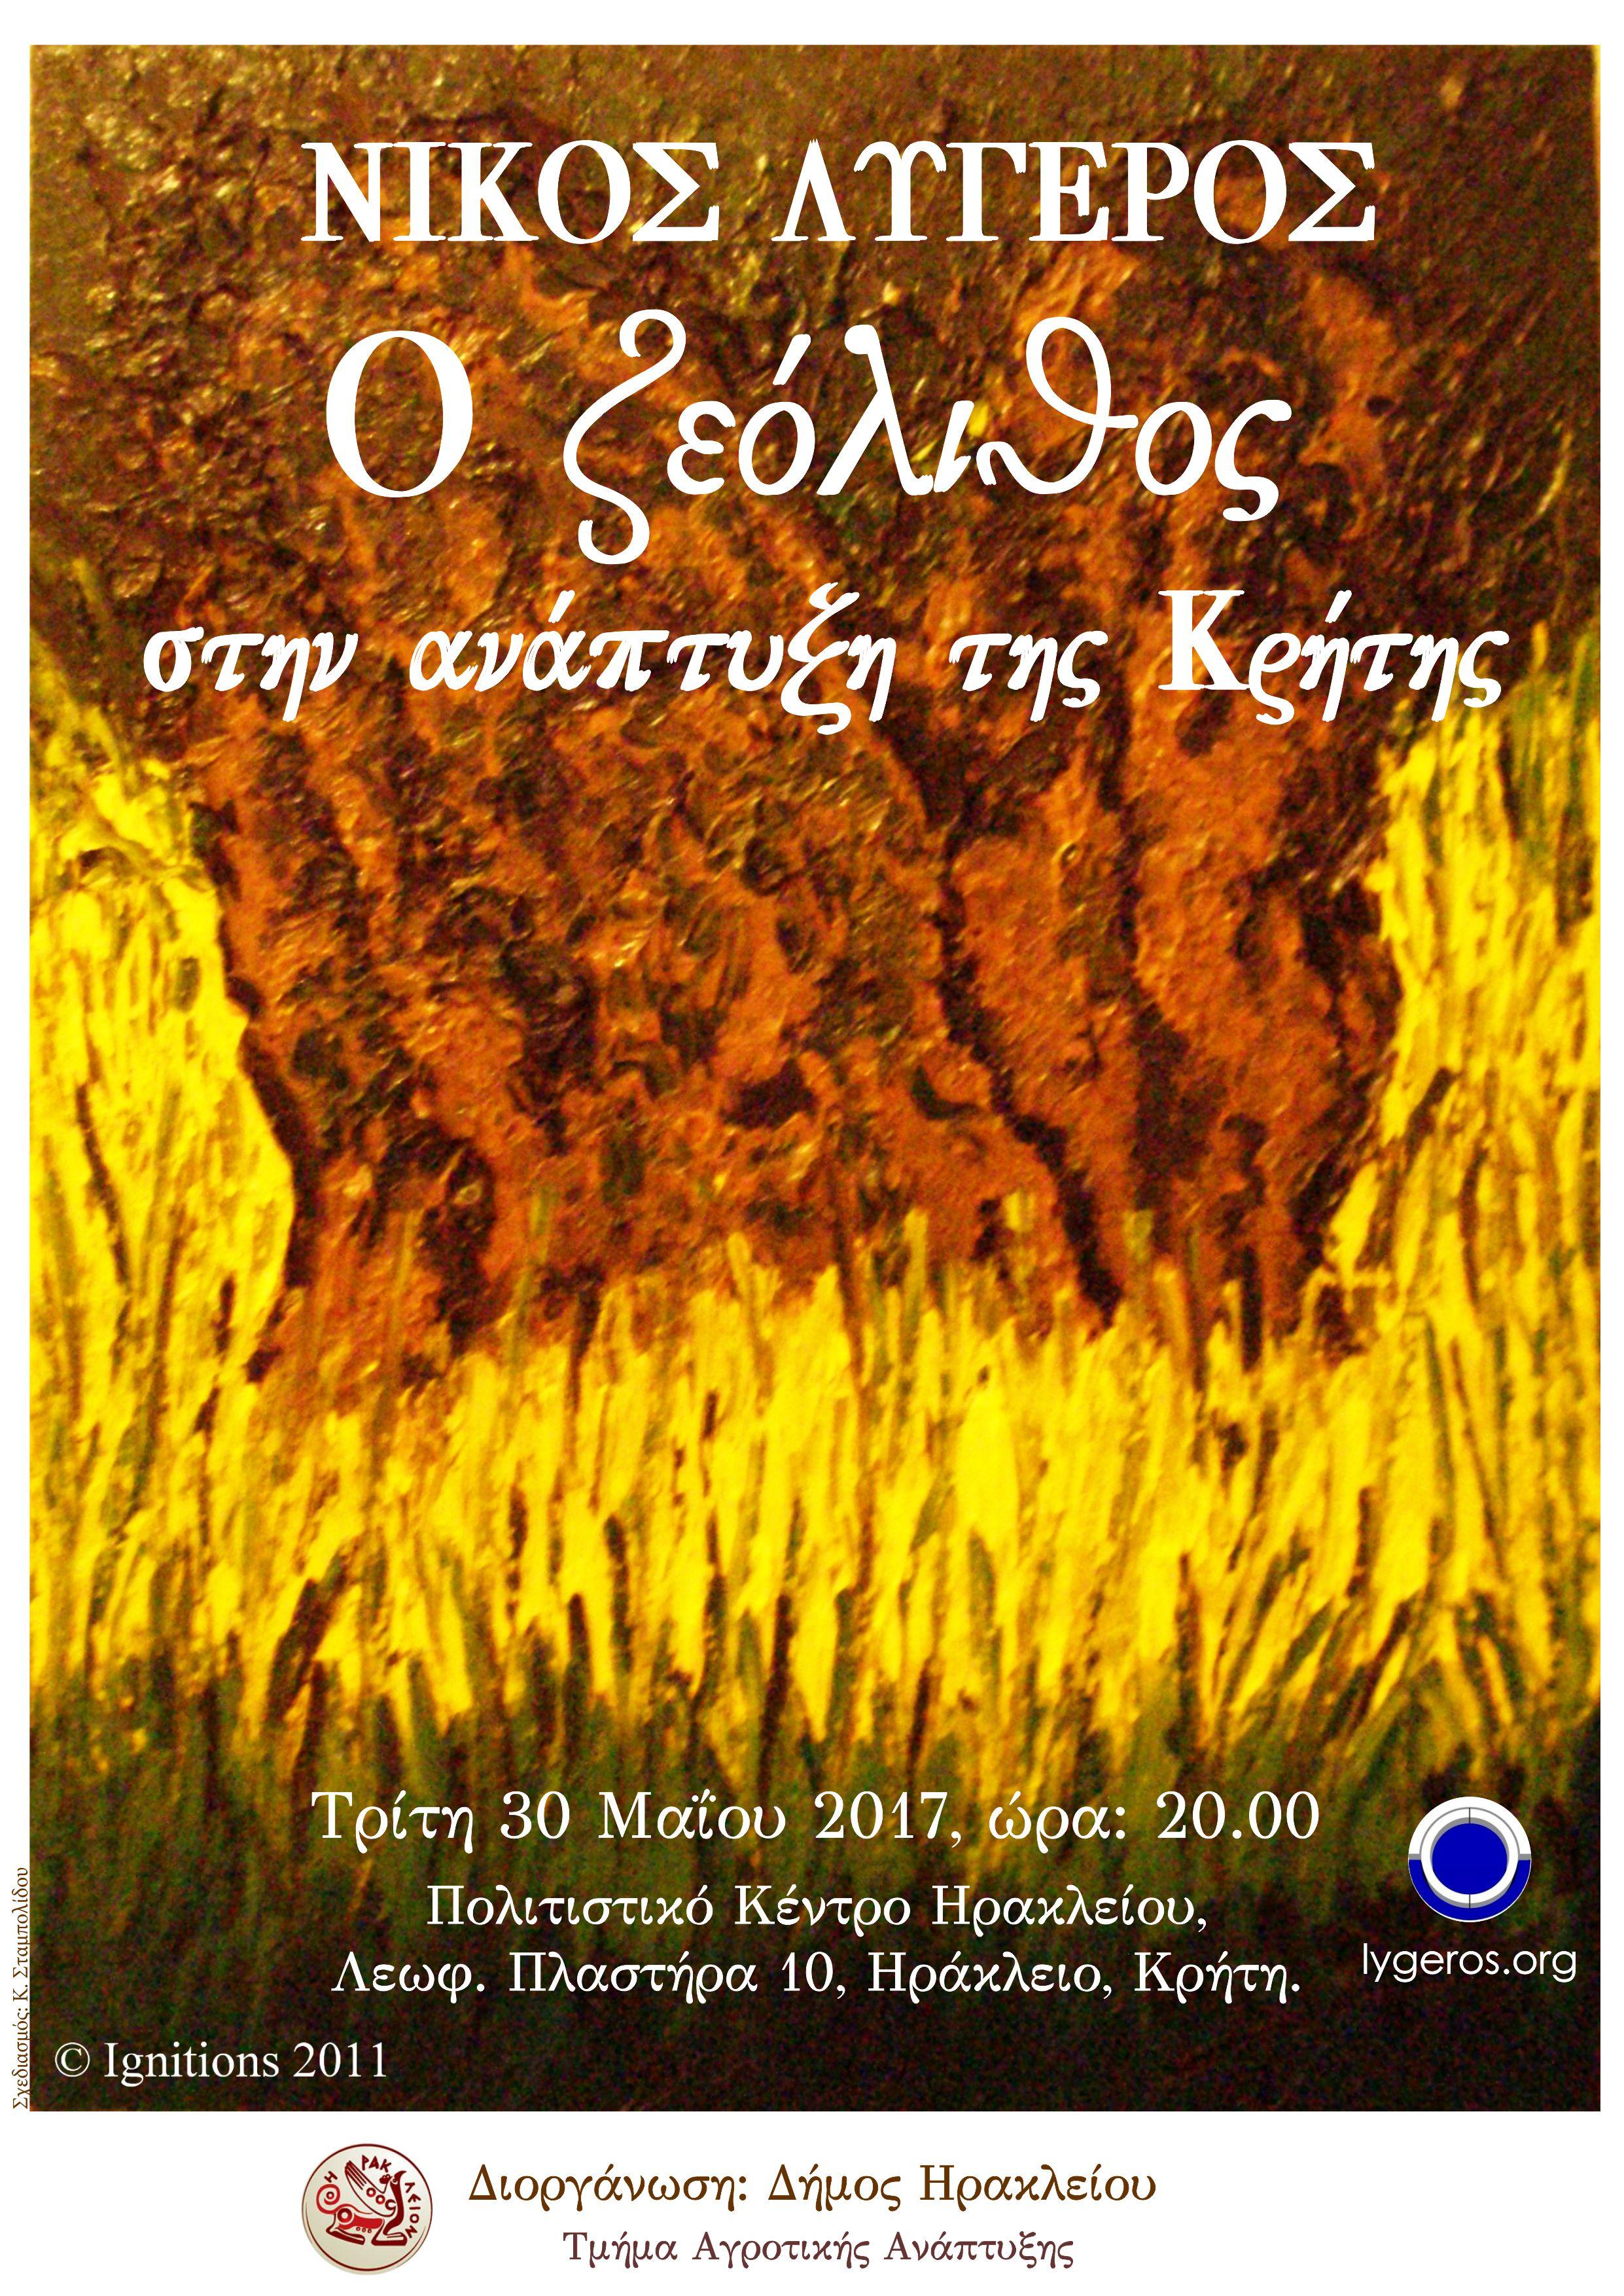 Διάλεξη: Ο ζεόλιθος στην ανάπτυξη της Κρήτης